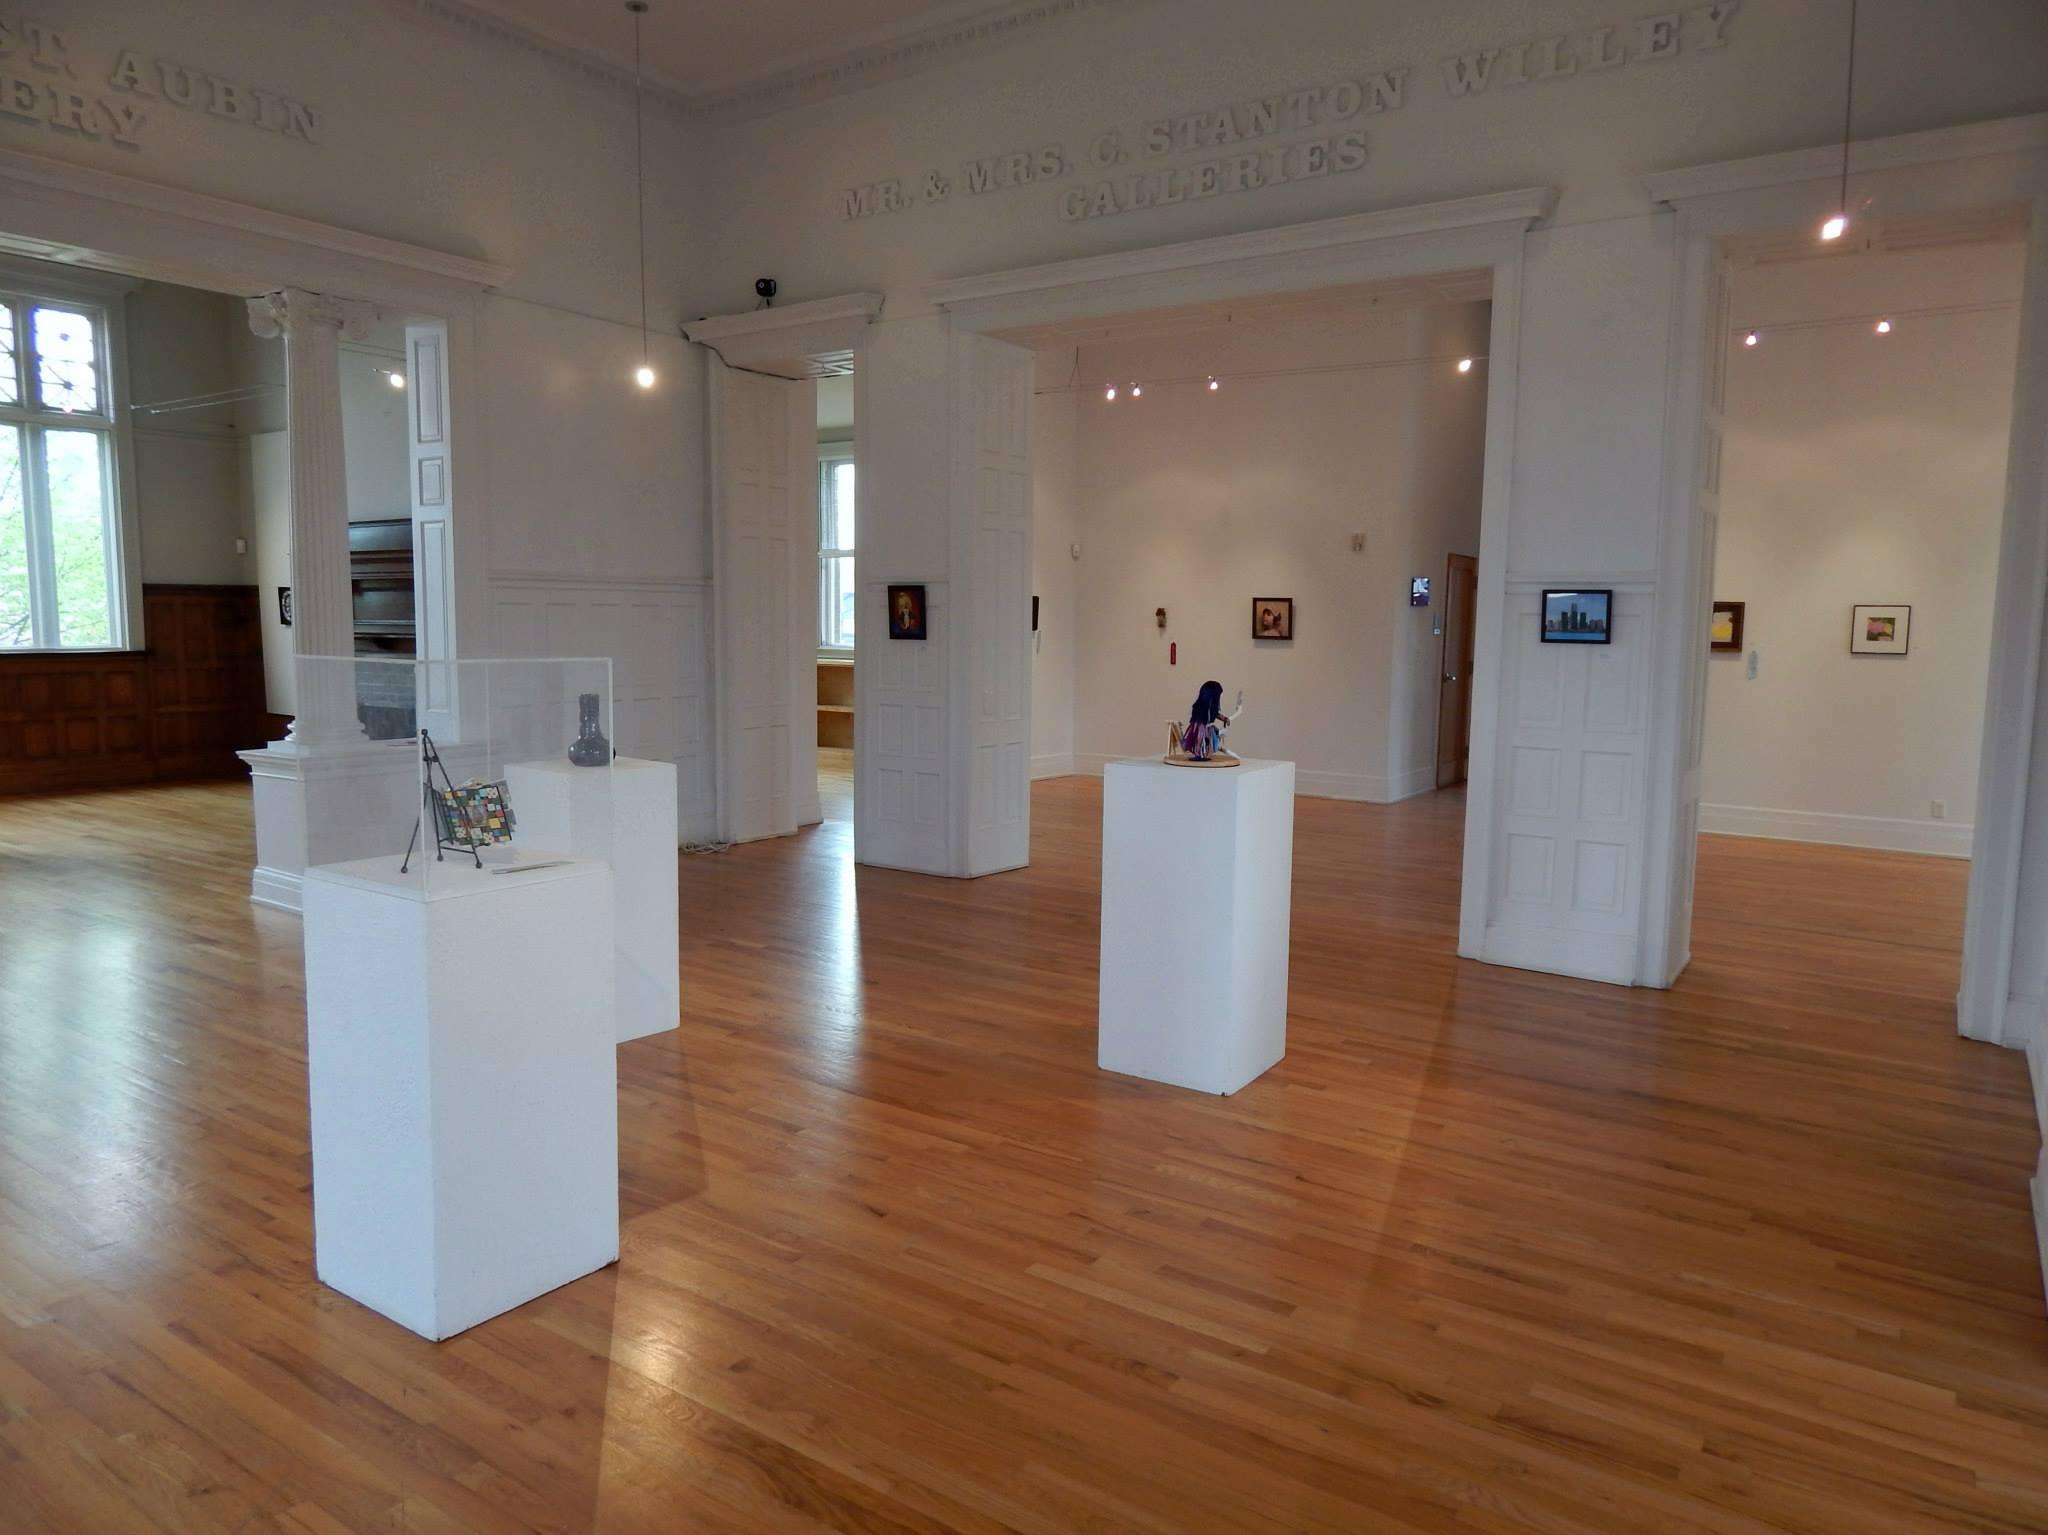 Anton Art Center - Fair & One Square